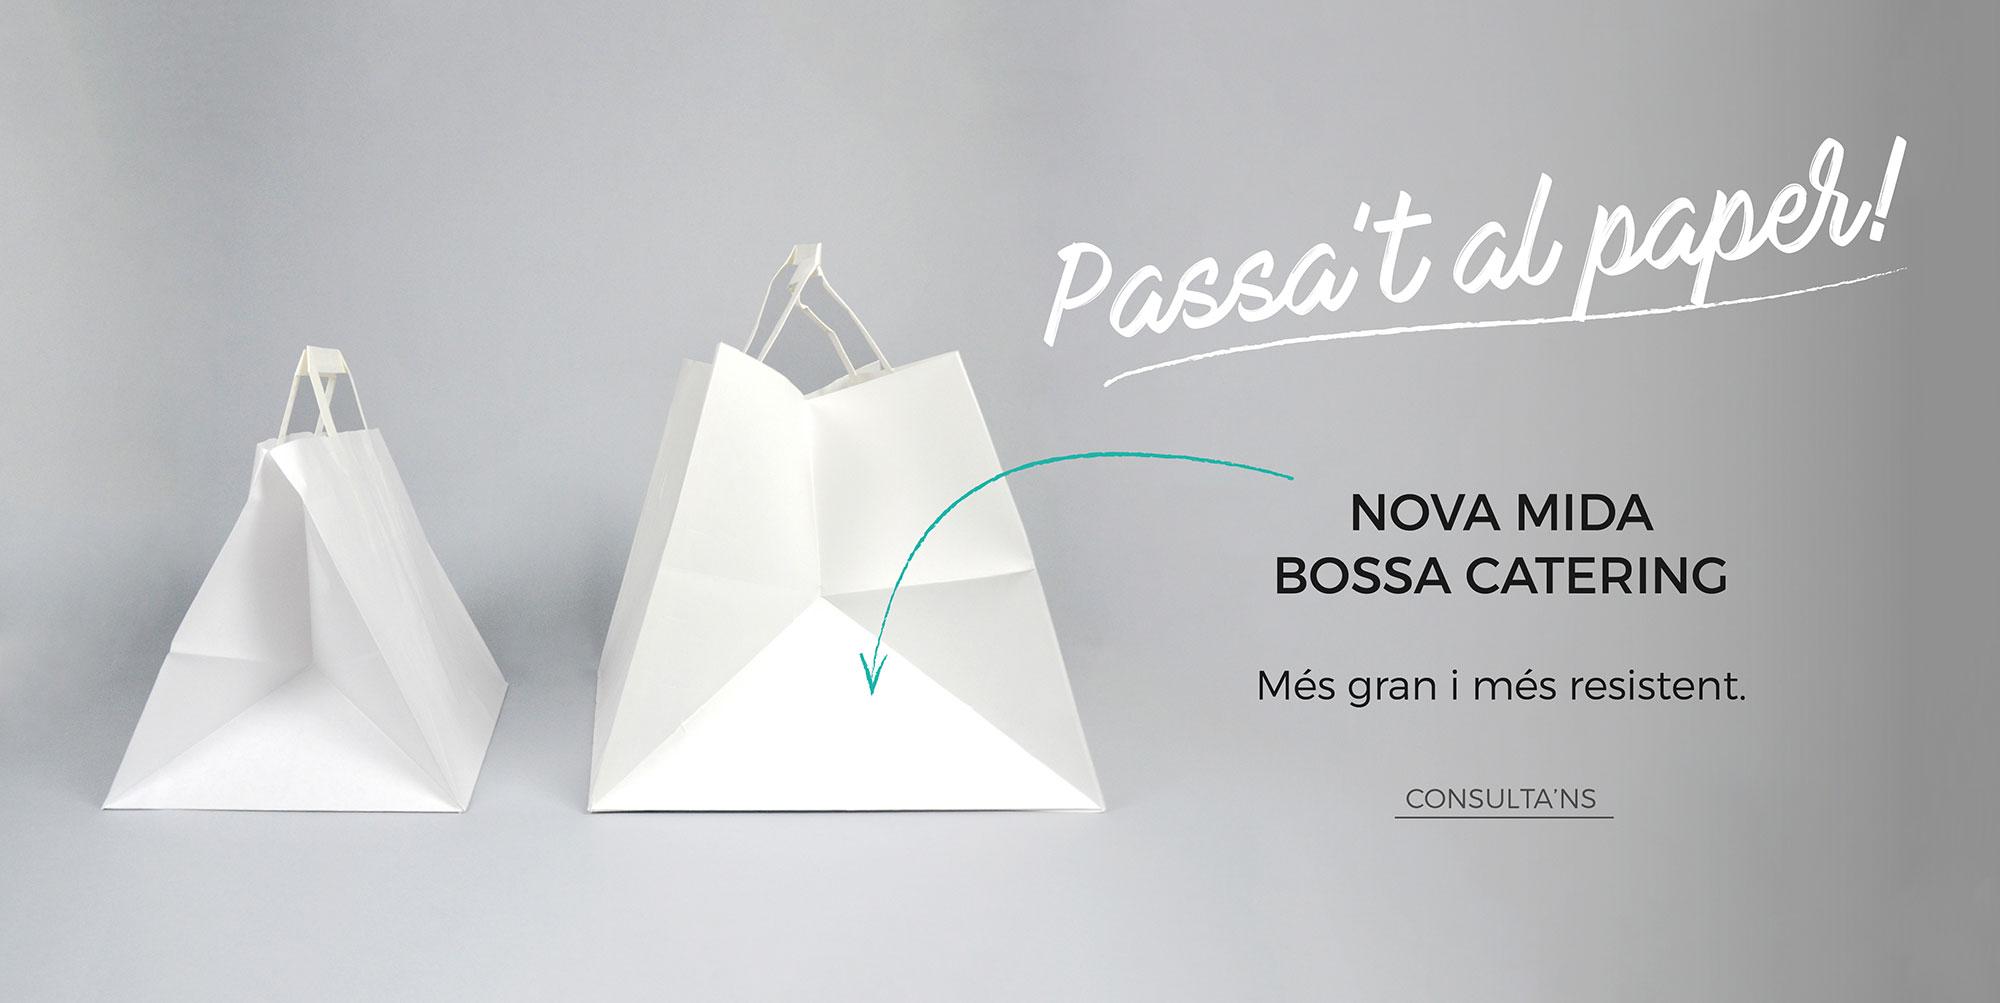 Banner-Bolsa-Catering-CA.jpg